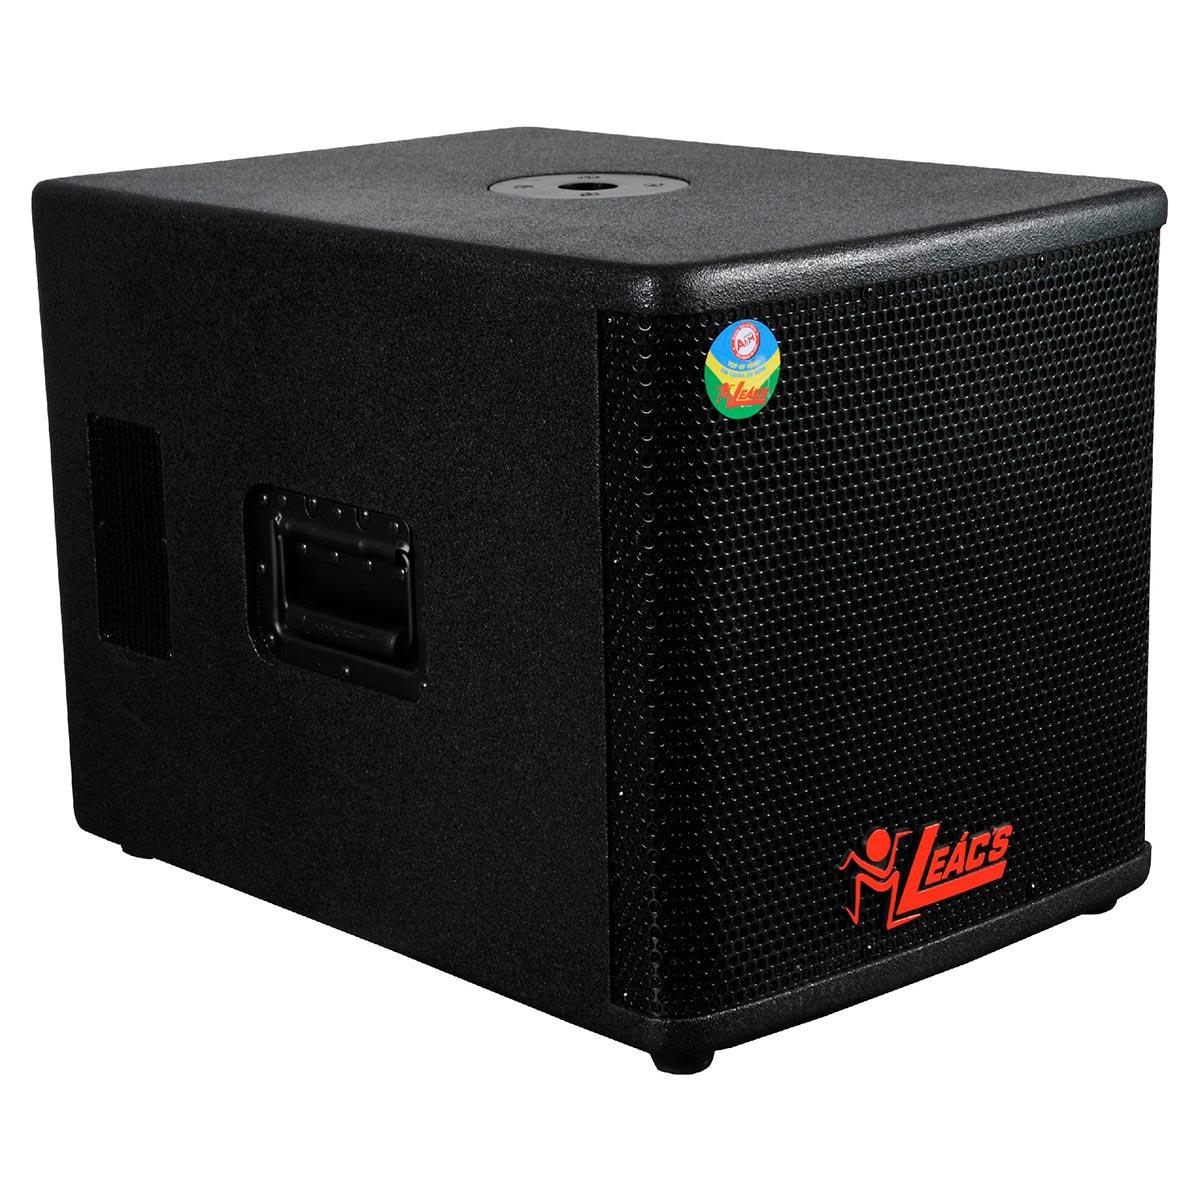 VIP300 - Subwoofer Ativo 300W VIP 300 - Leacs